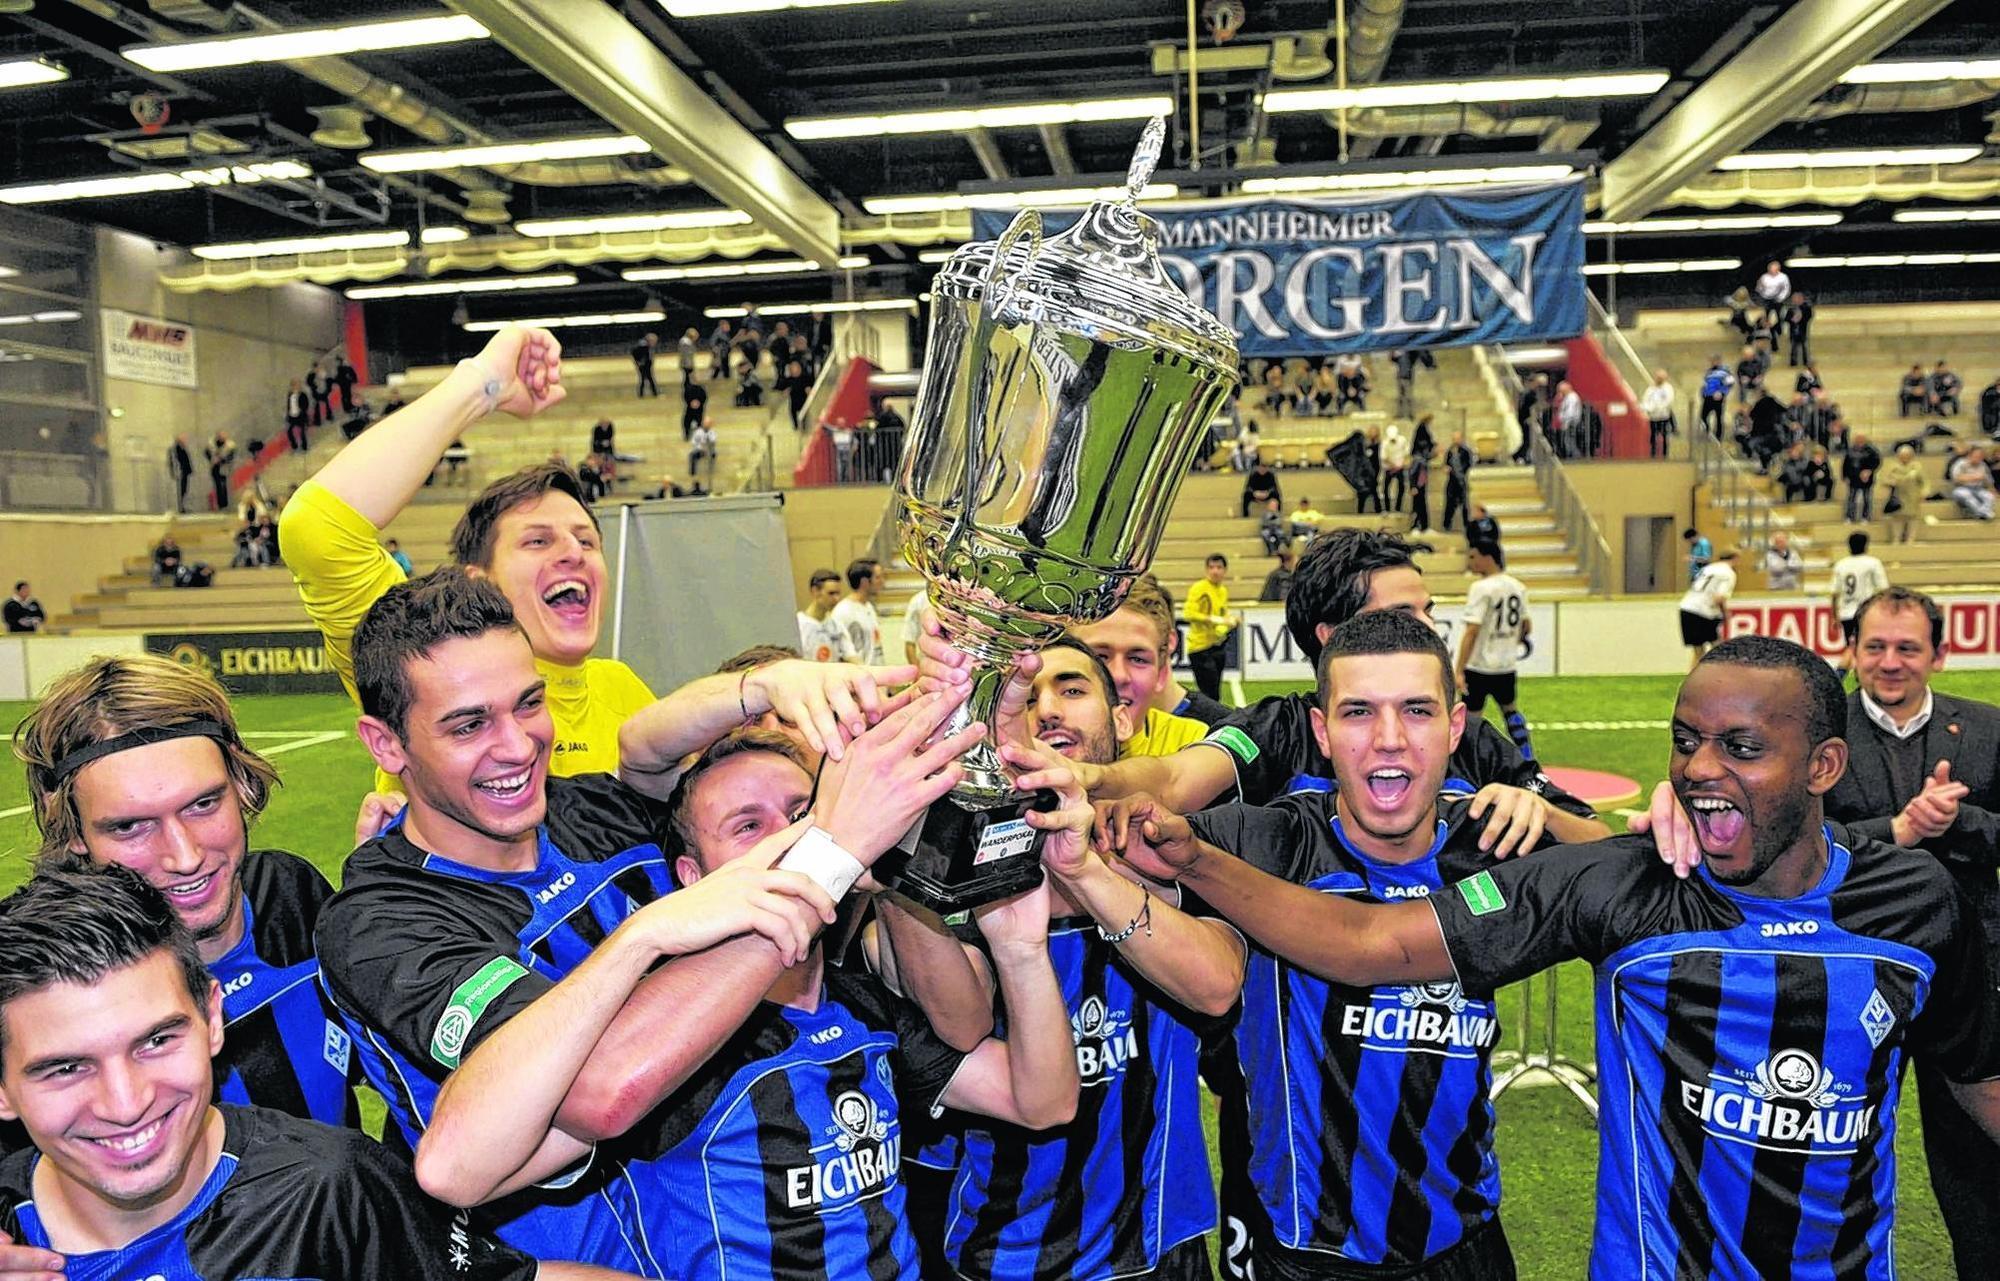 Erst gezittert, dann gejubelt: Die Regionalliga-Mannschaft des SVW holte den Turniersieg beim MorgenMasters.